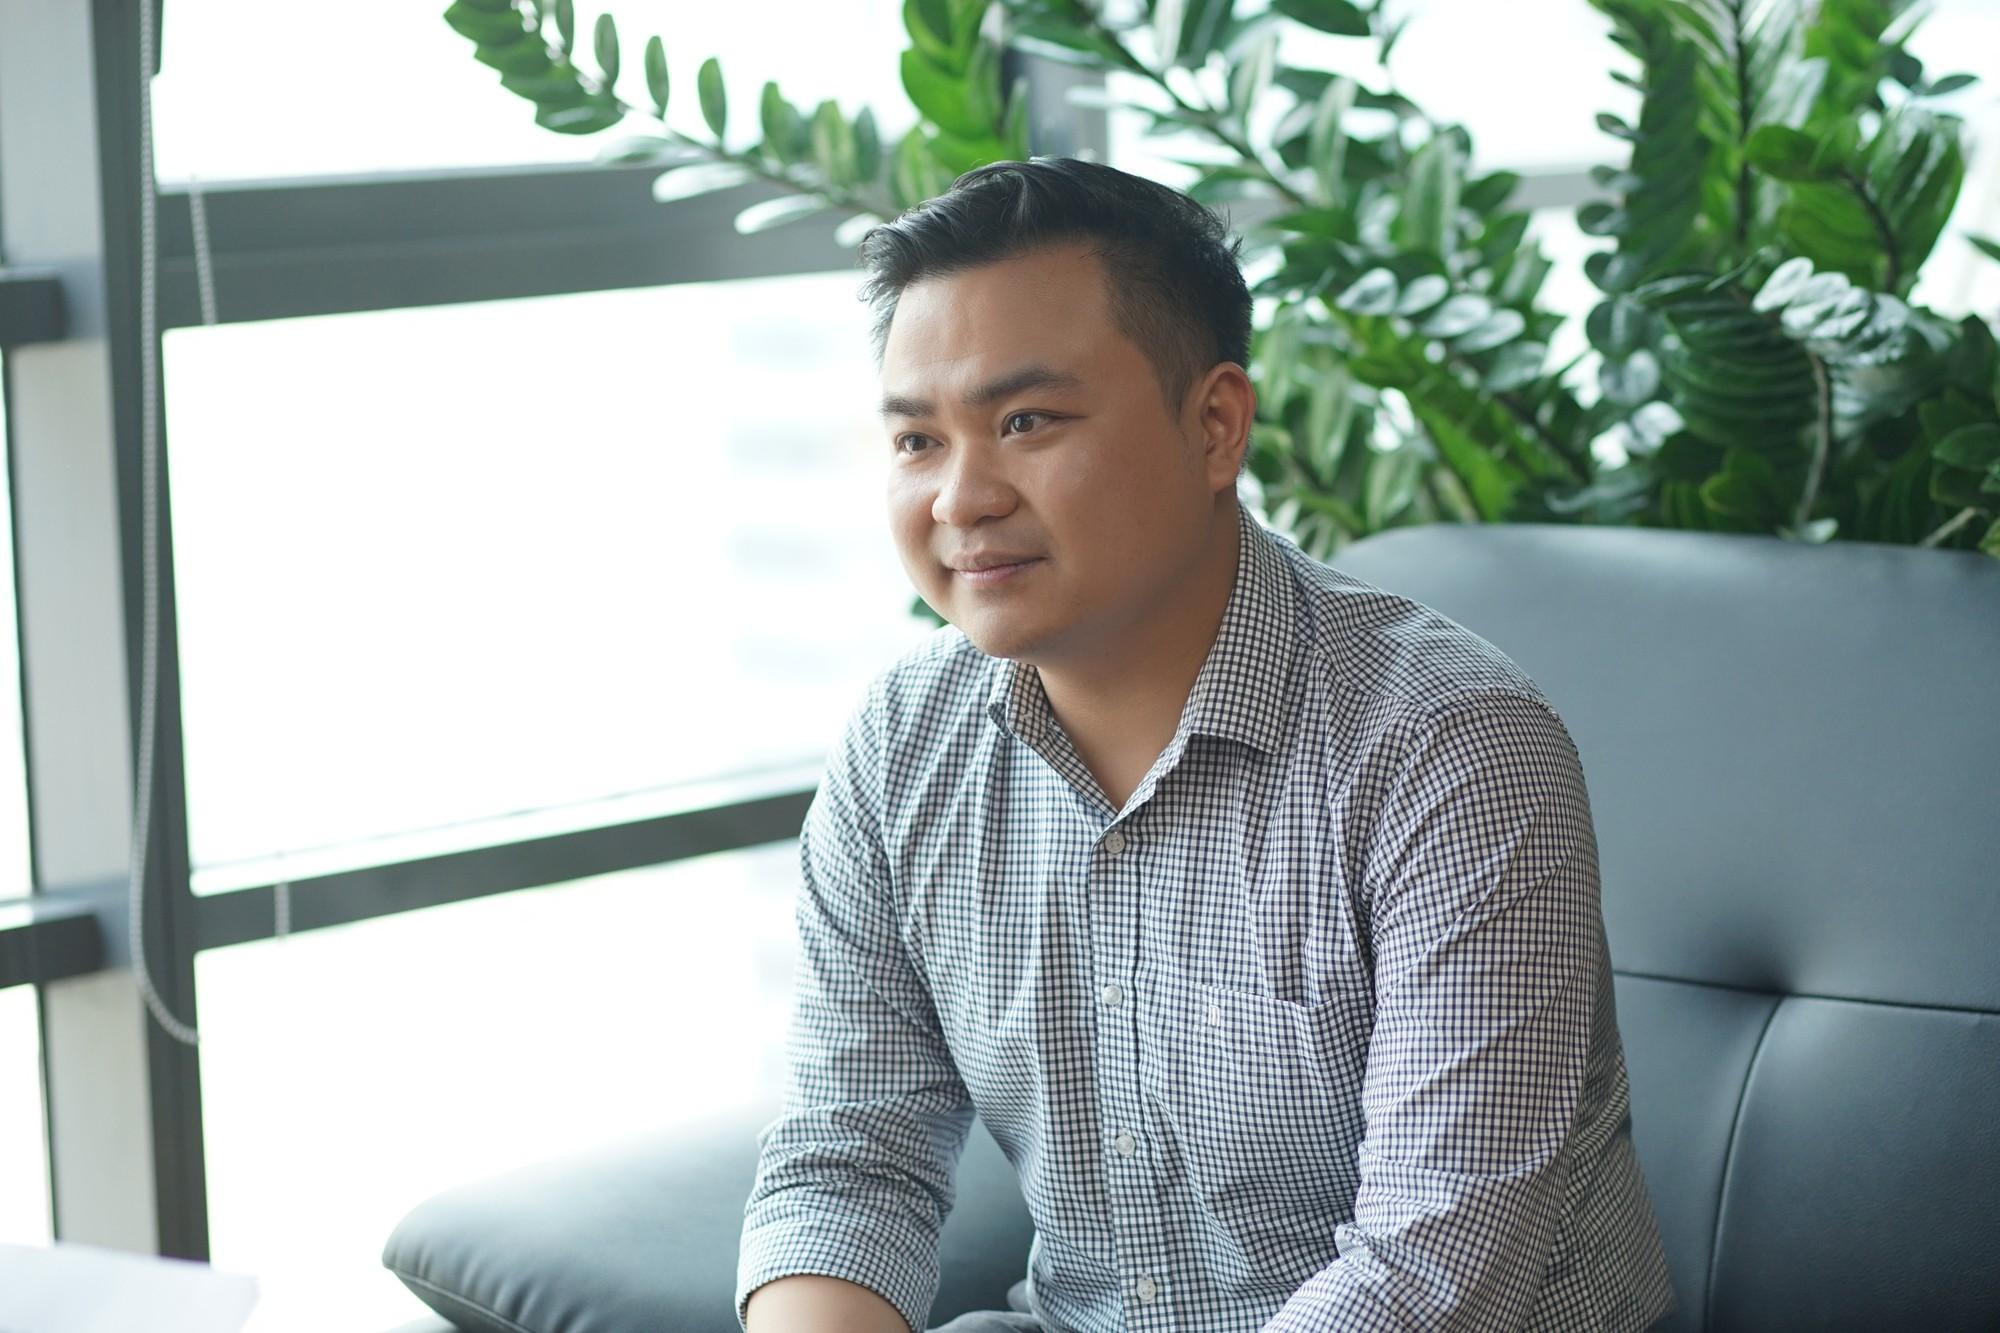 """CDO Rikkeisoft Ngô Minh Quân: Từ """"anh chàng tech"""" cắm cúi làm sản phẩm đến góc nhìn đầu tiên phải là hiệu quả kinh doanh"""